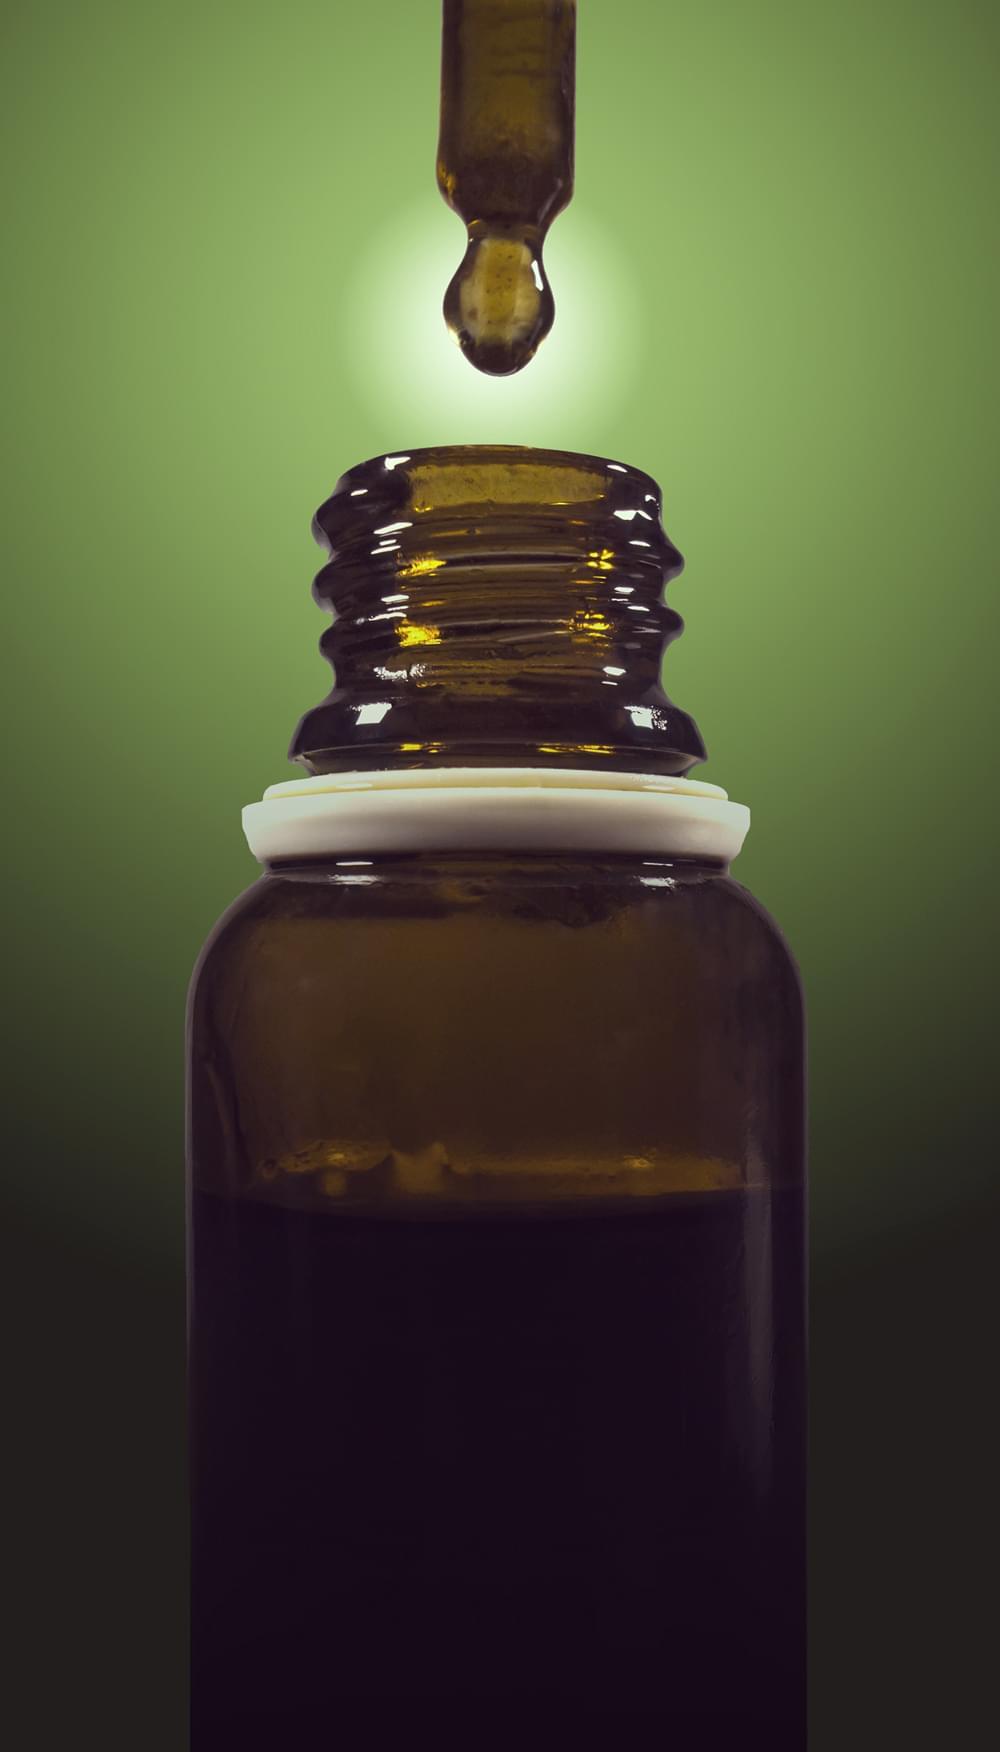 Cbd-Verordnung uk Cannabis medizinischen Marihuana